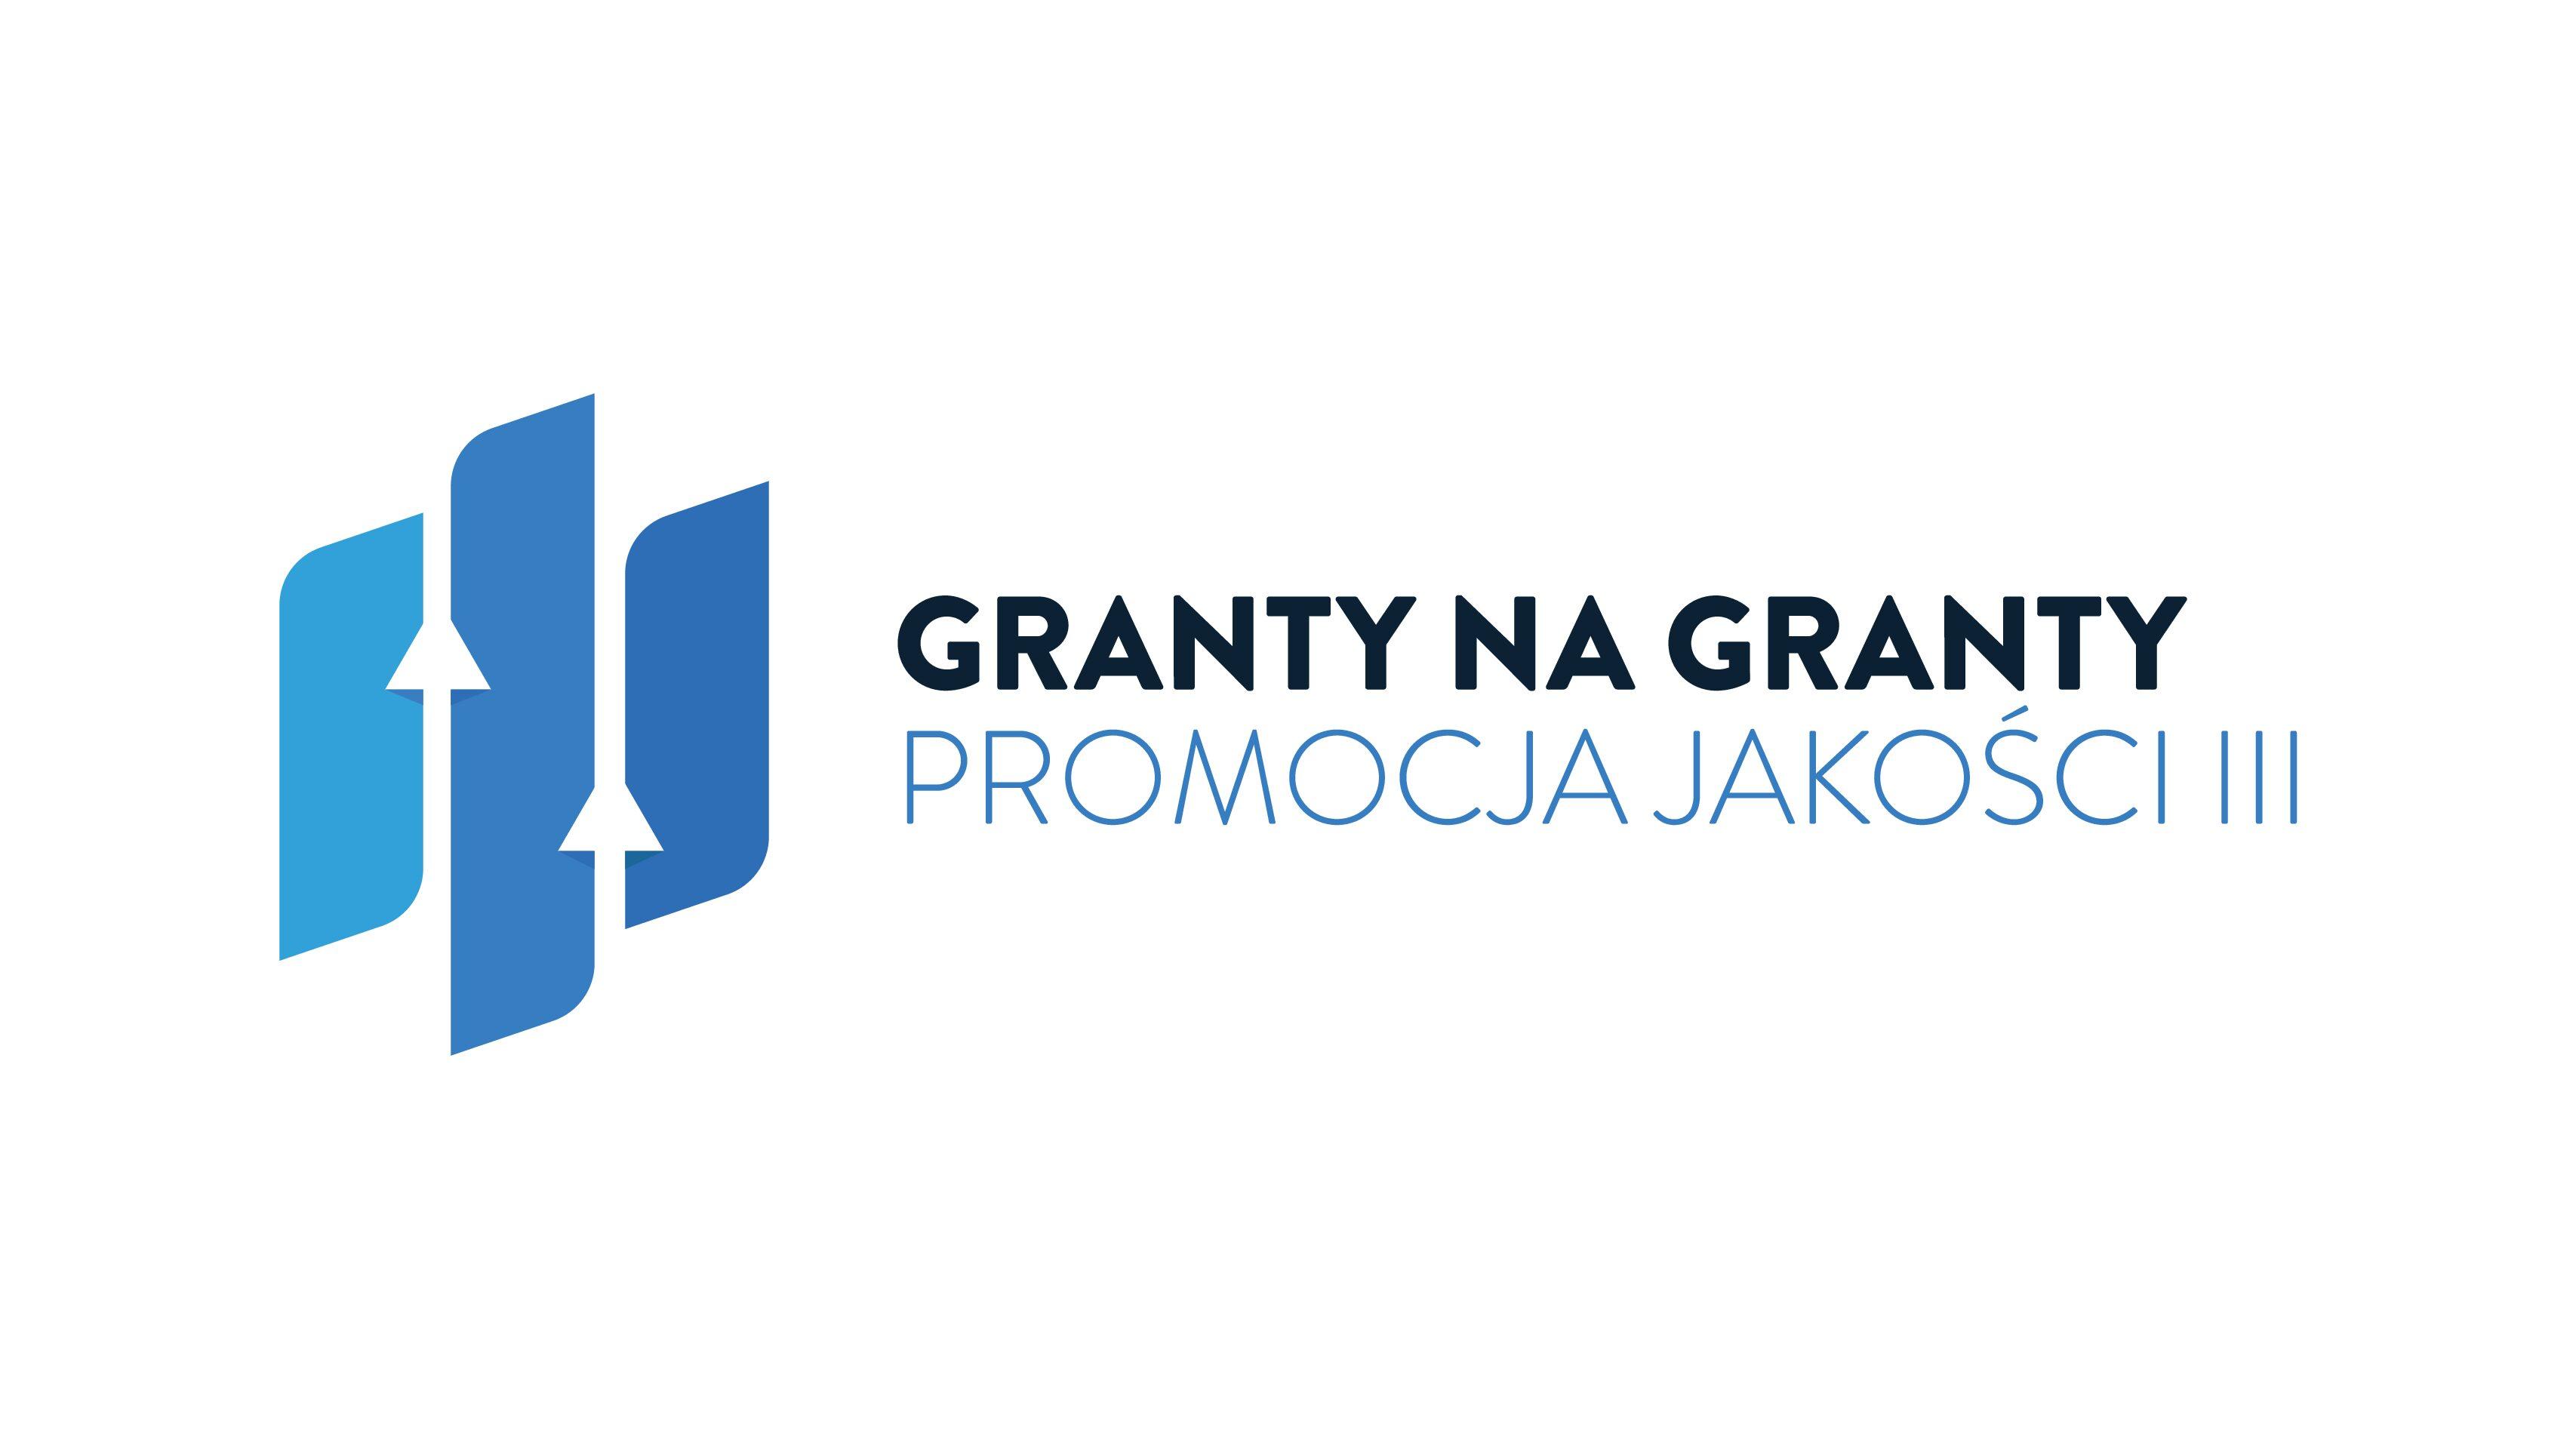 Granty na Granty